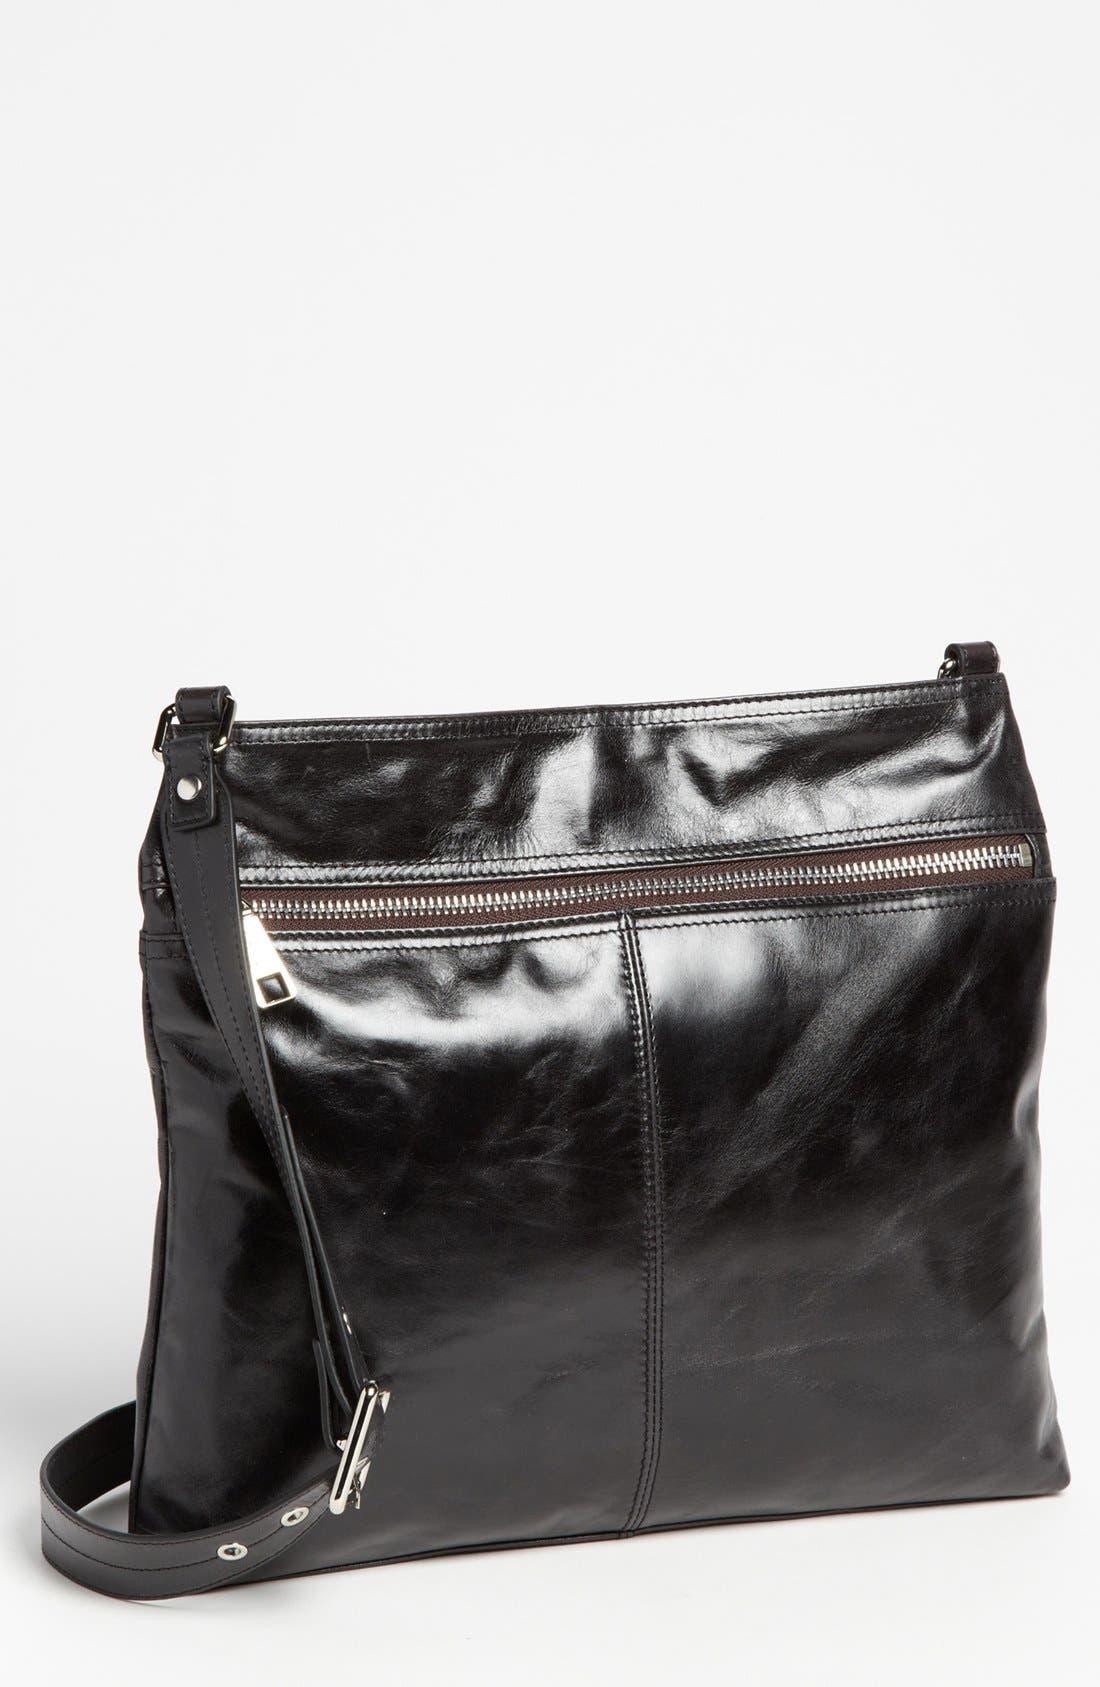 Alternate Image 1 Selected - Hobo 'Lorna' Leather Shoulder Bag